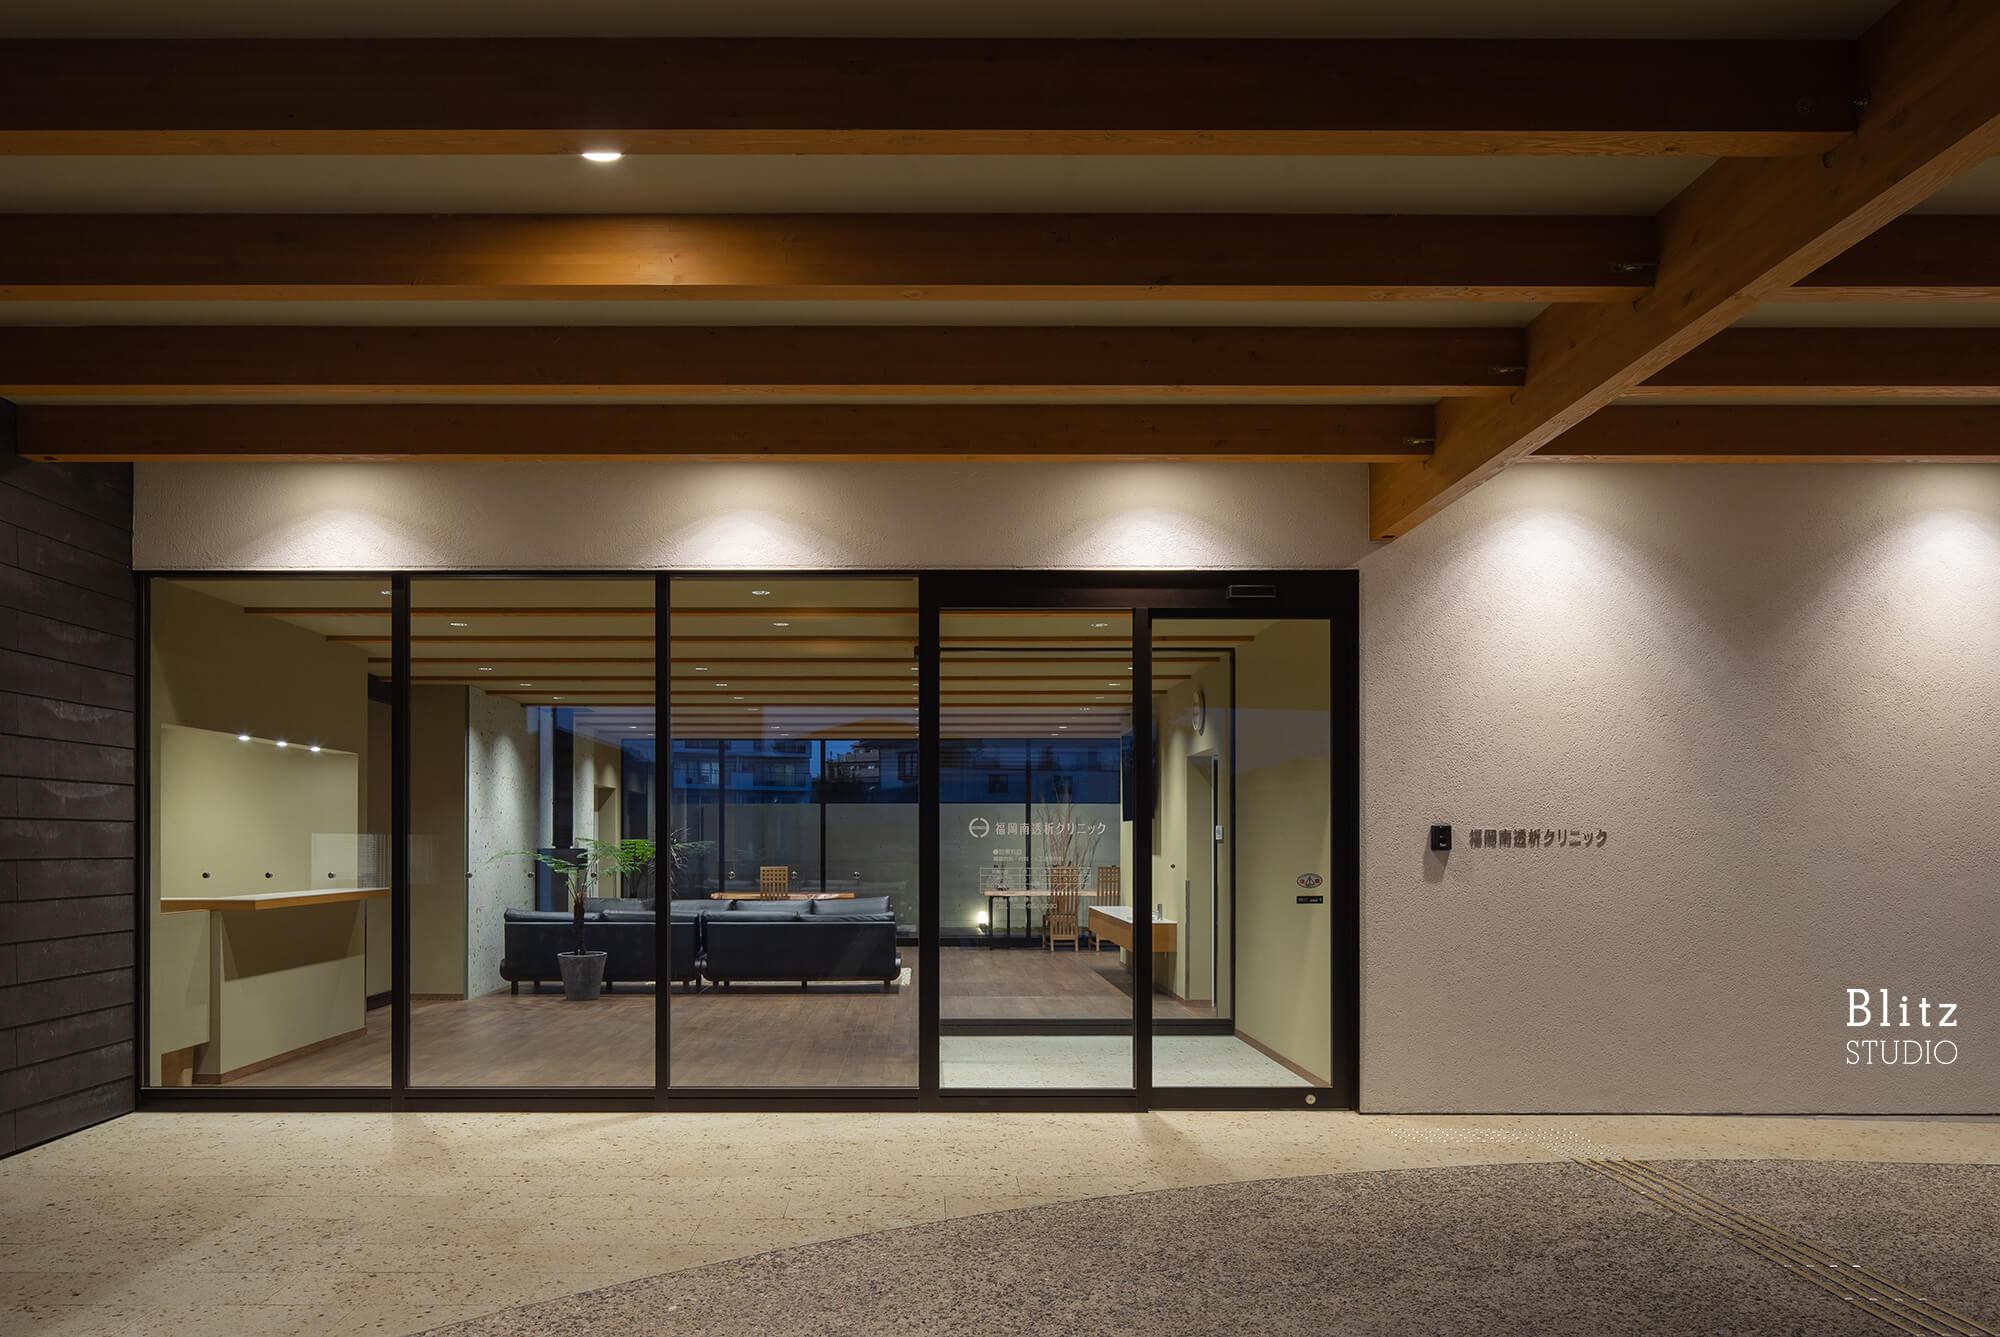 『福岡南透析クリニック』-福岡県福岡市-建築写真・竣工写真・インテリア写真5